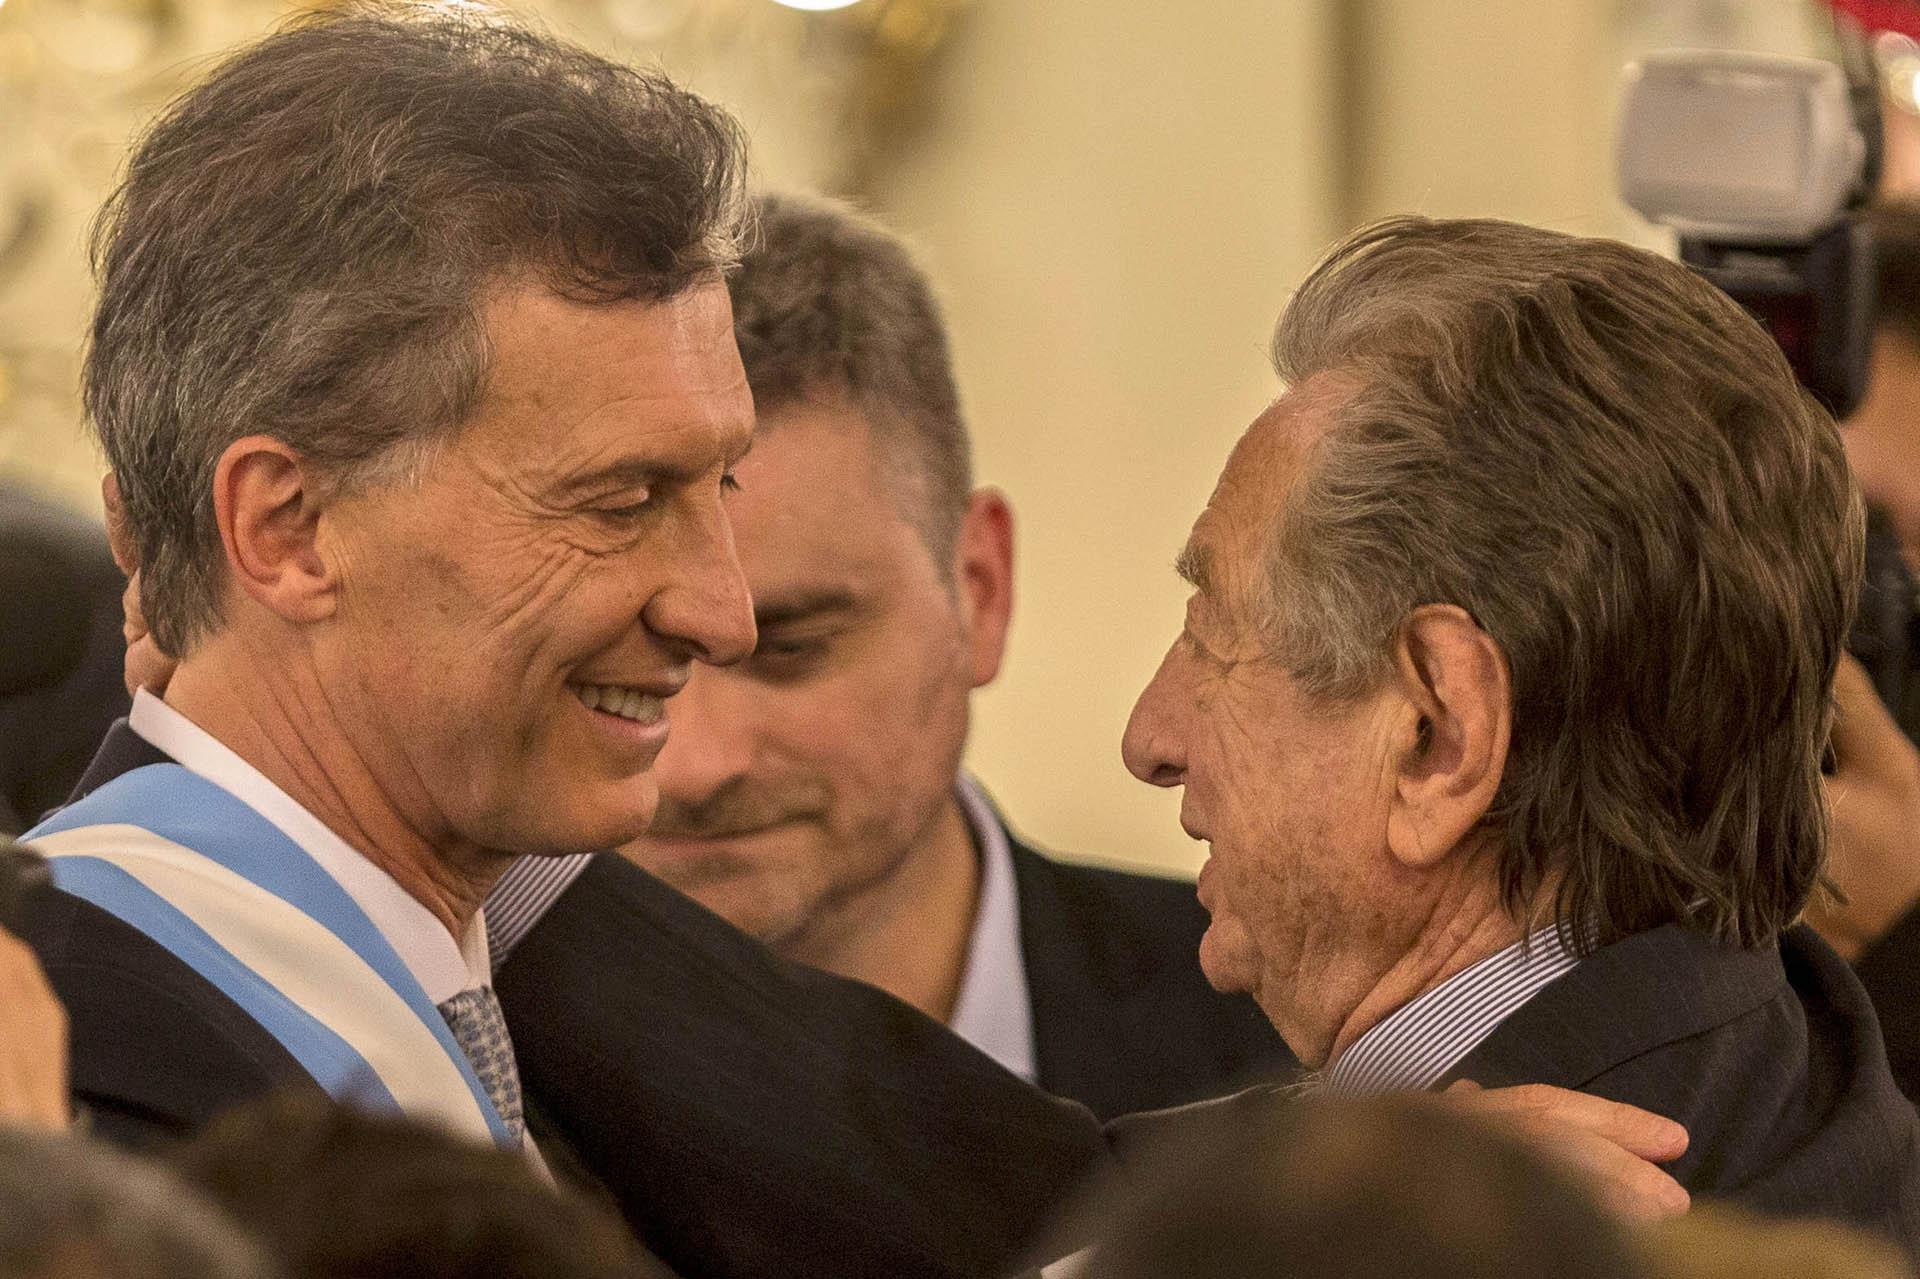 Durante la asunción de Mauricio Macri como presidente, su padre se mostró muy cercano y afectivo. El vínculo entre ambos tuvo sus idas y venidas (Télam)